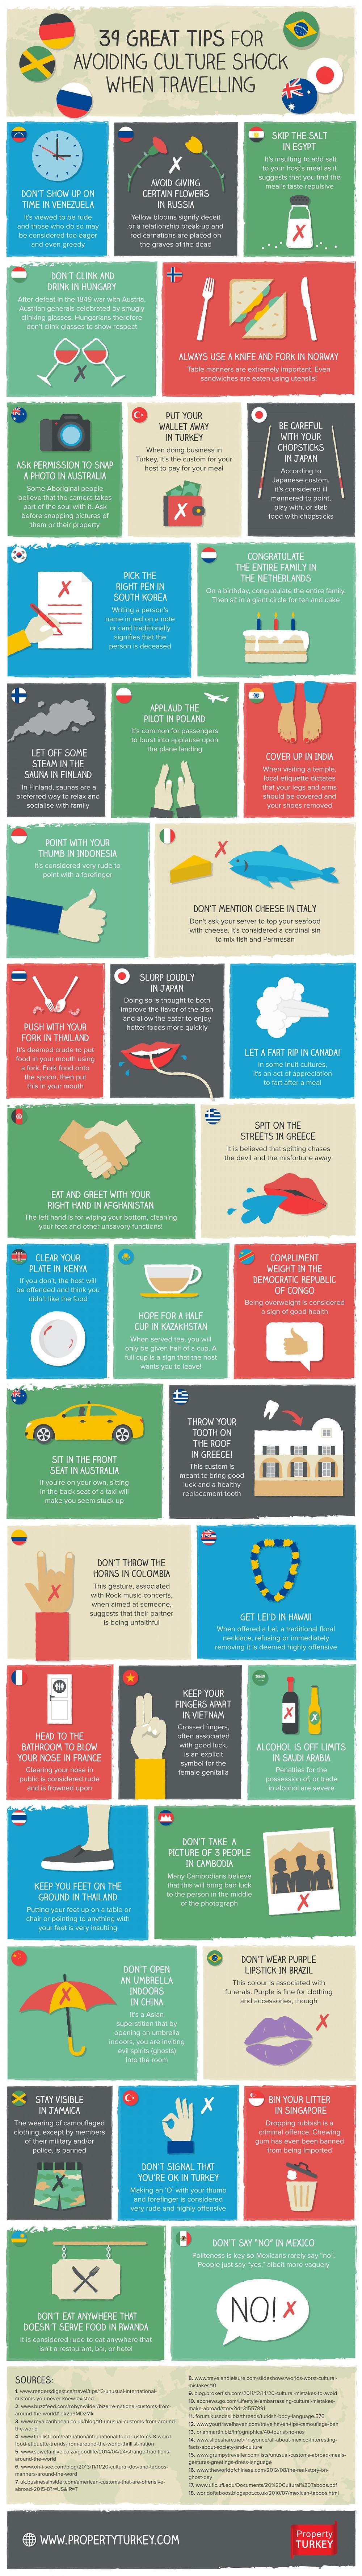 great tips for avoiding